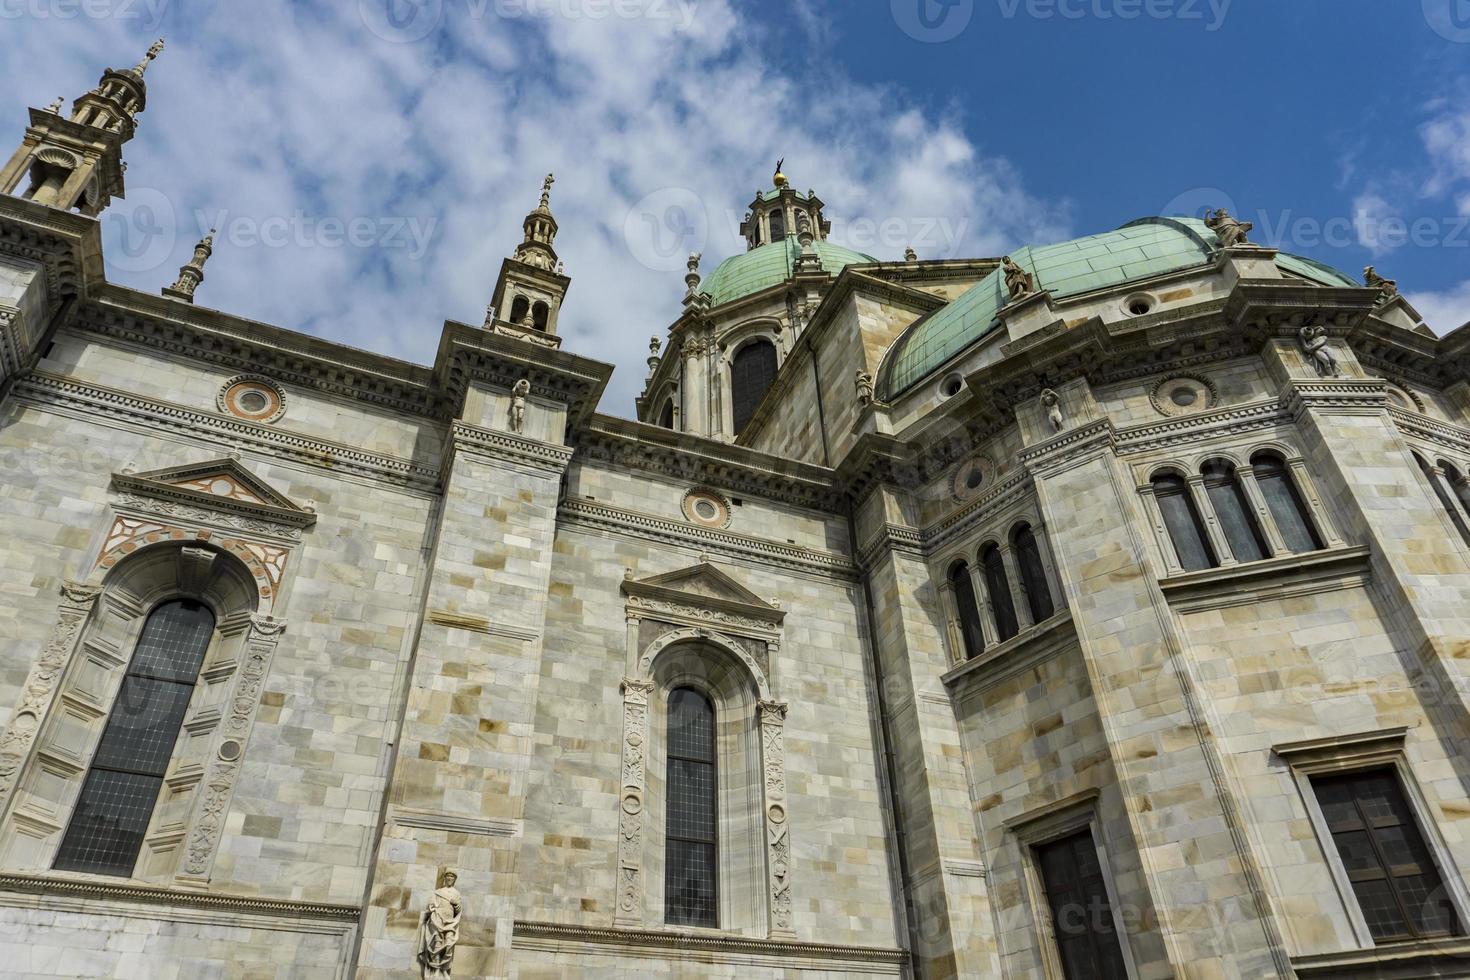 Exterior view of Como Cathedral Duomo di Como in Italy photo